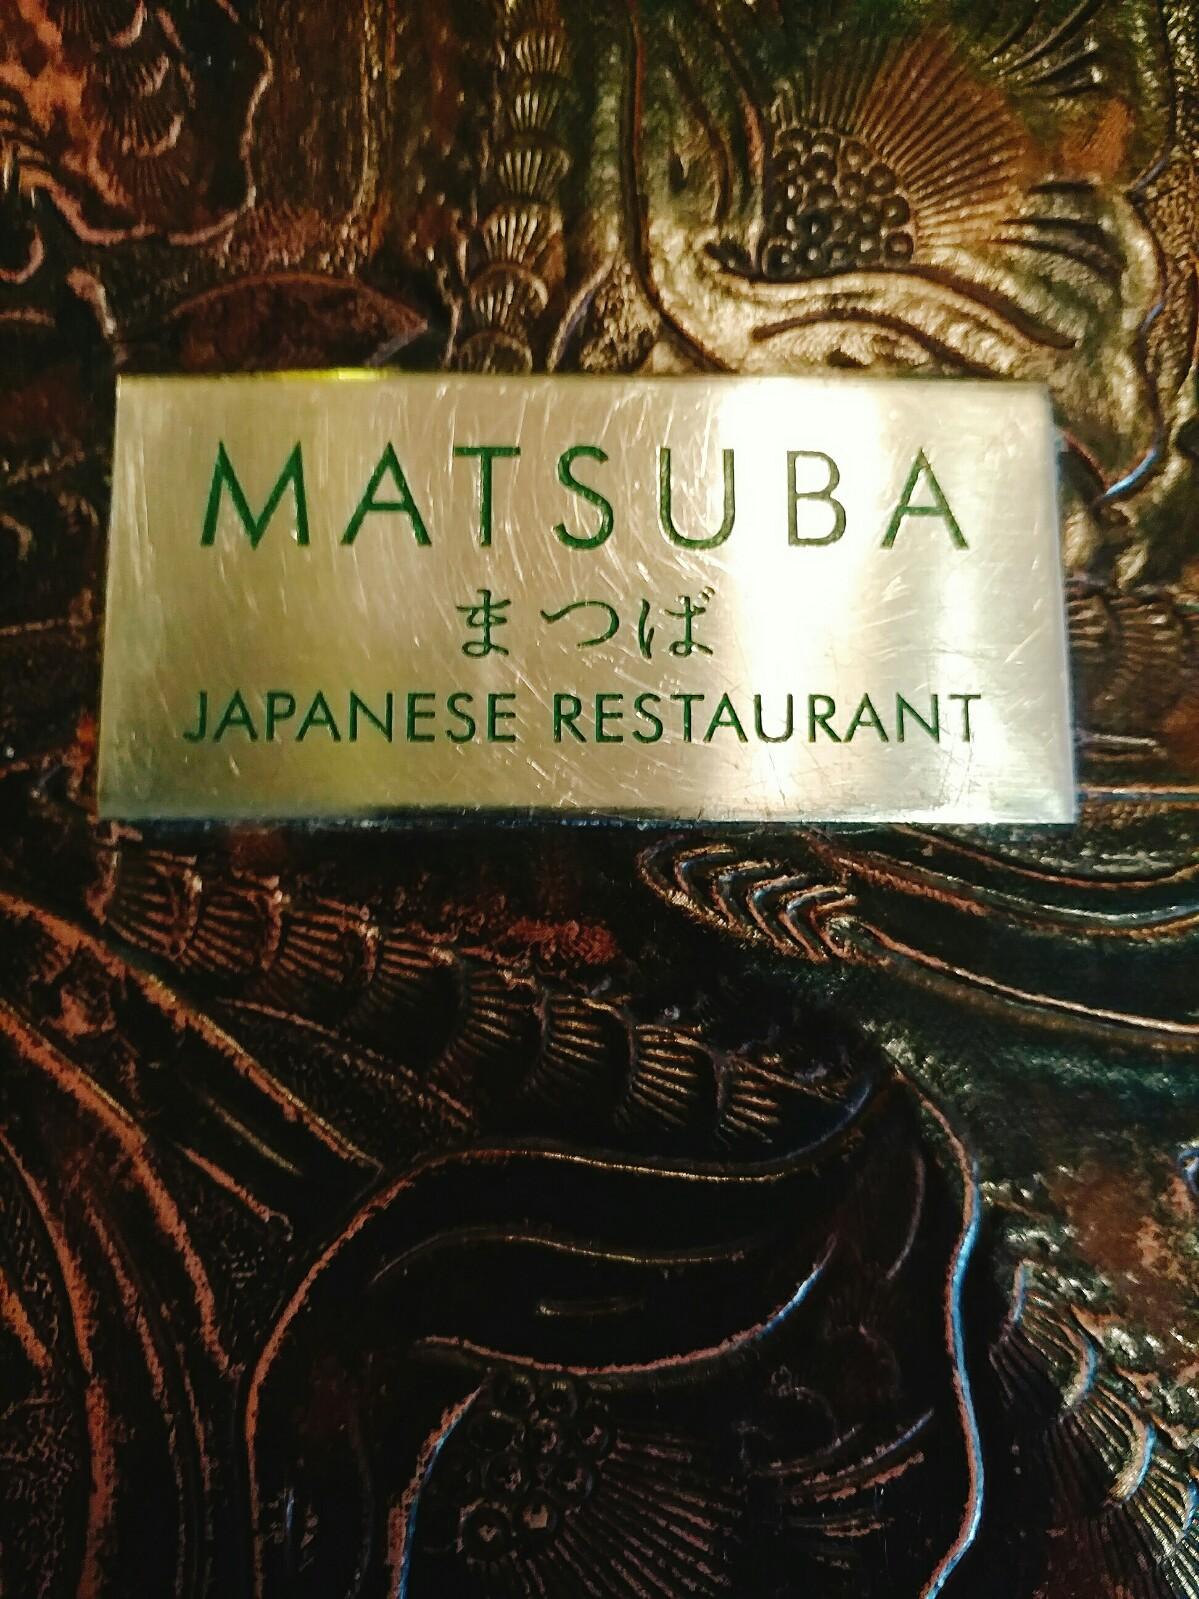 A wonderful mess at Matsuba